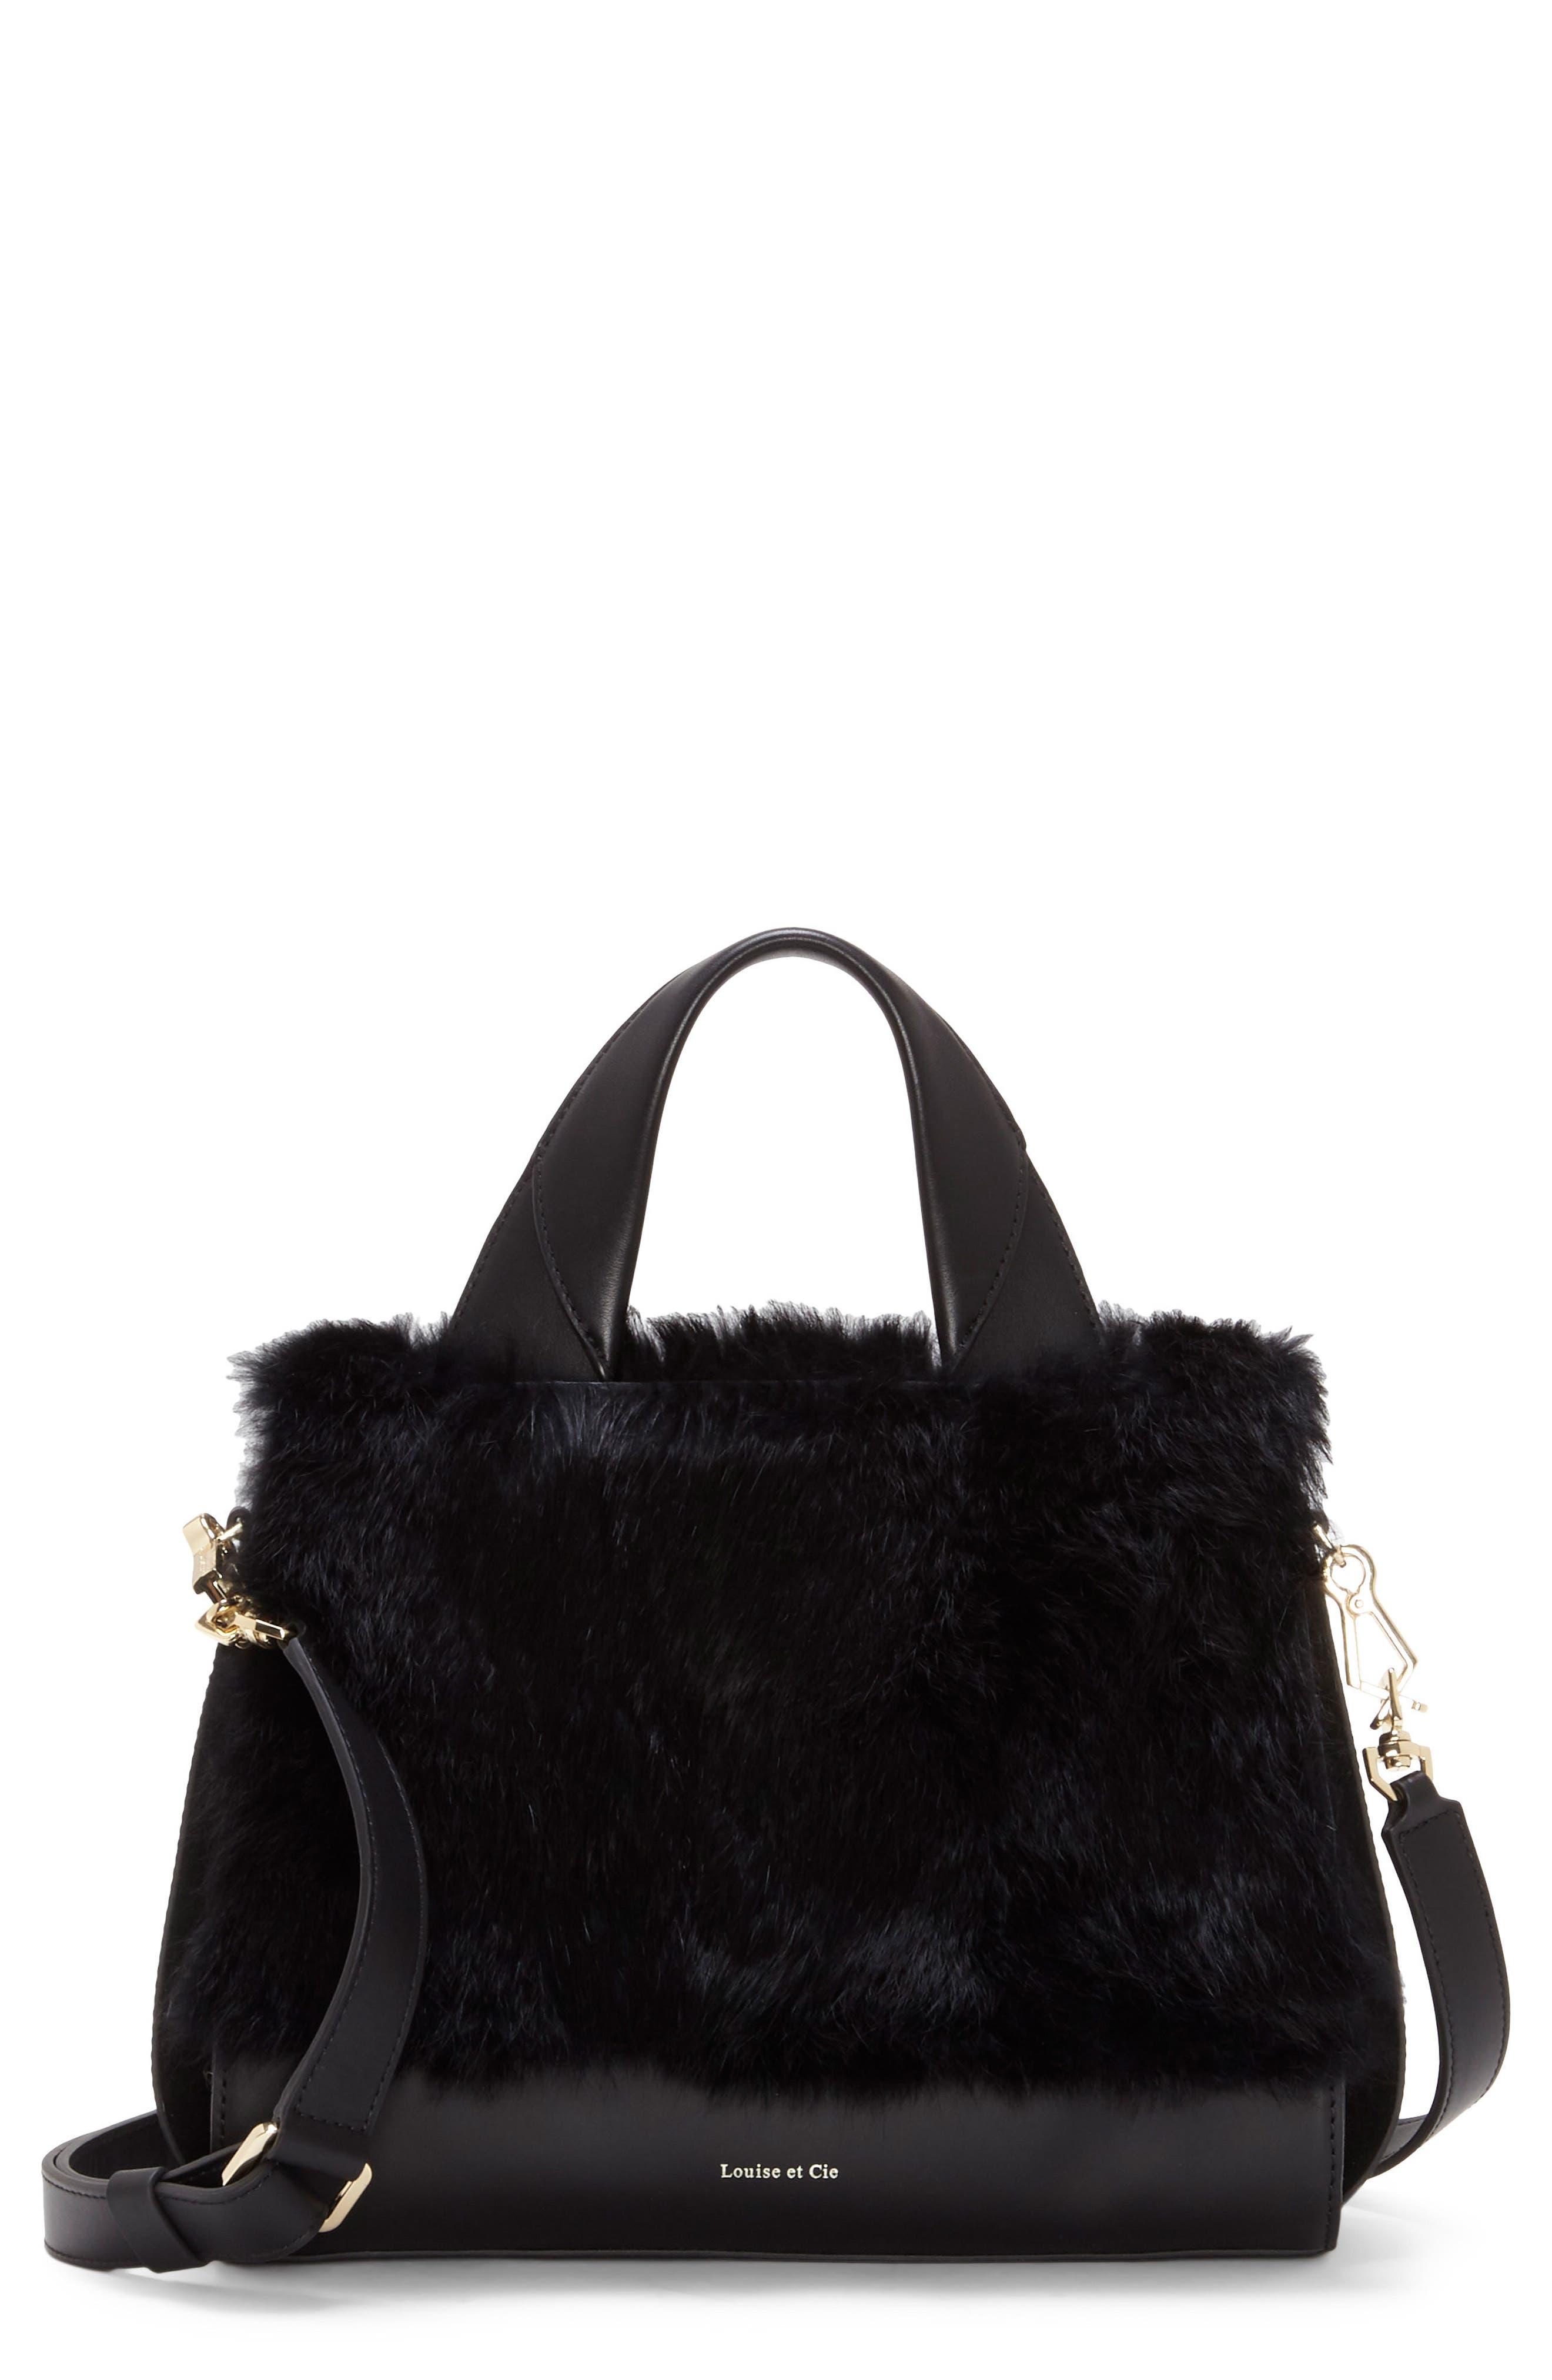 Louise et Cie Tysse Leather & Genuine Rabbit Fur Satchel